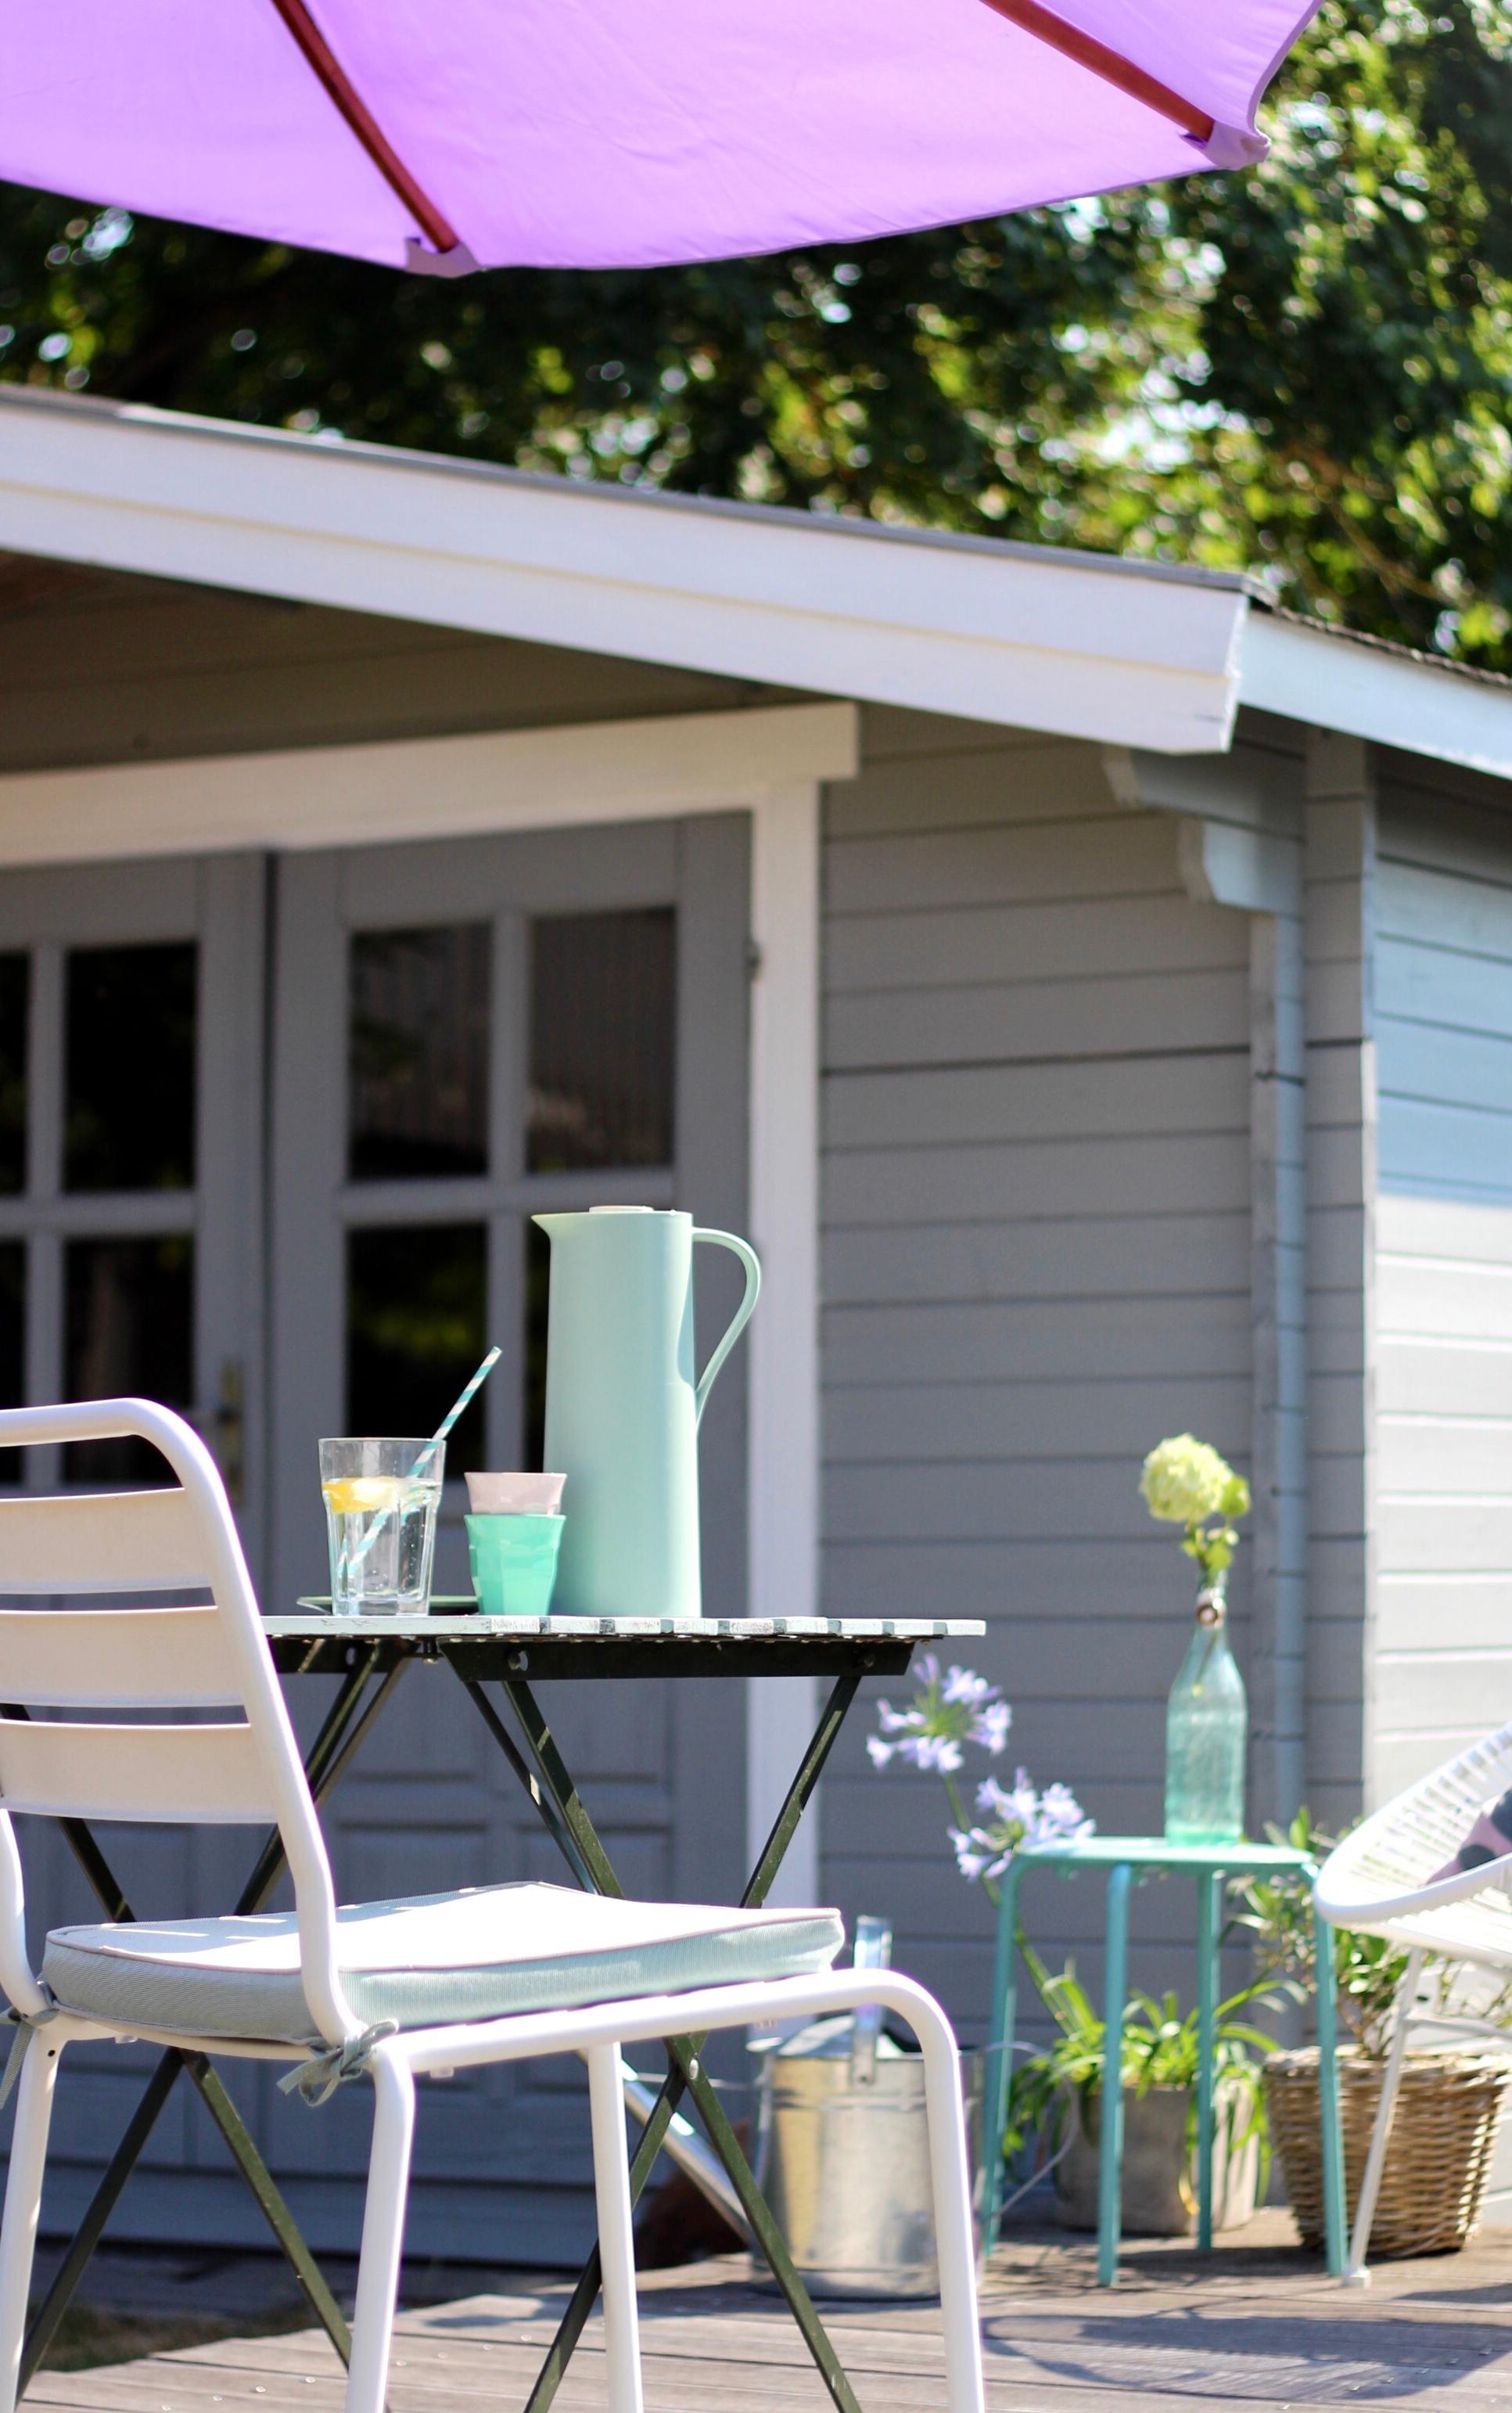 Gartenhaus gestalten so nutzt du den platz effektiv - Gartenhaus einrichtungstipps ...